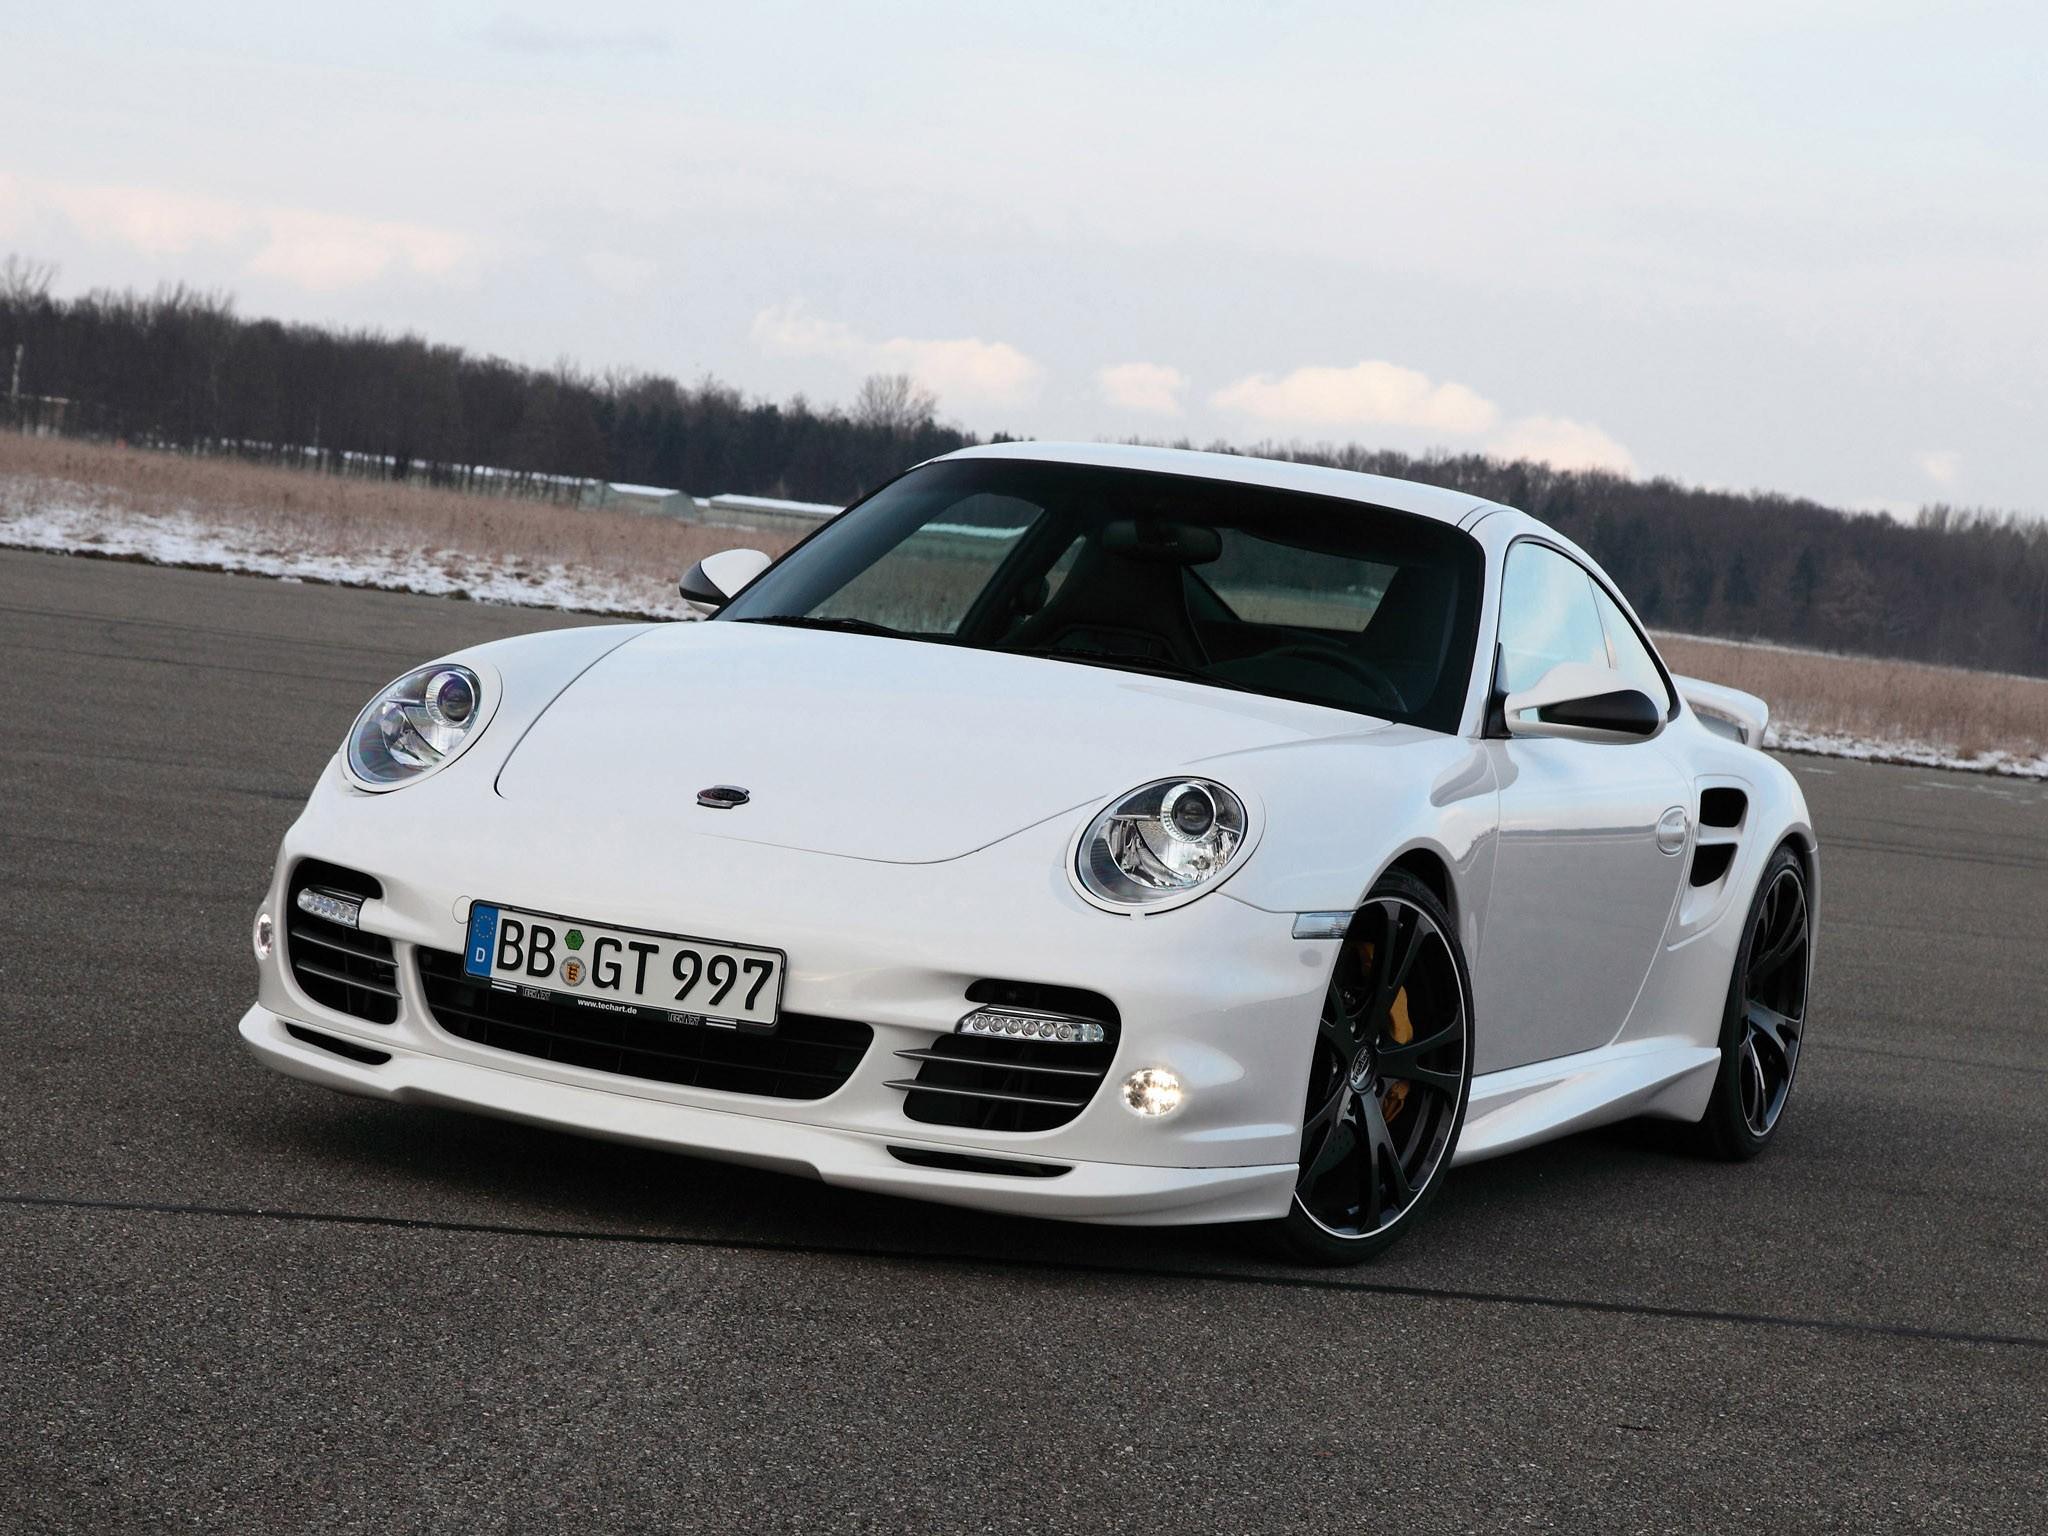 2010 Techart Porsche 911 Turbo S